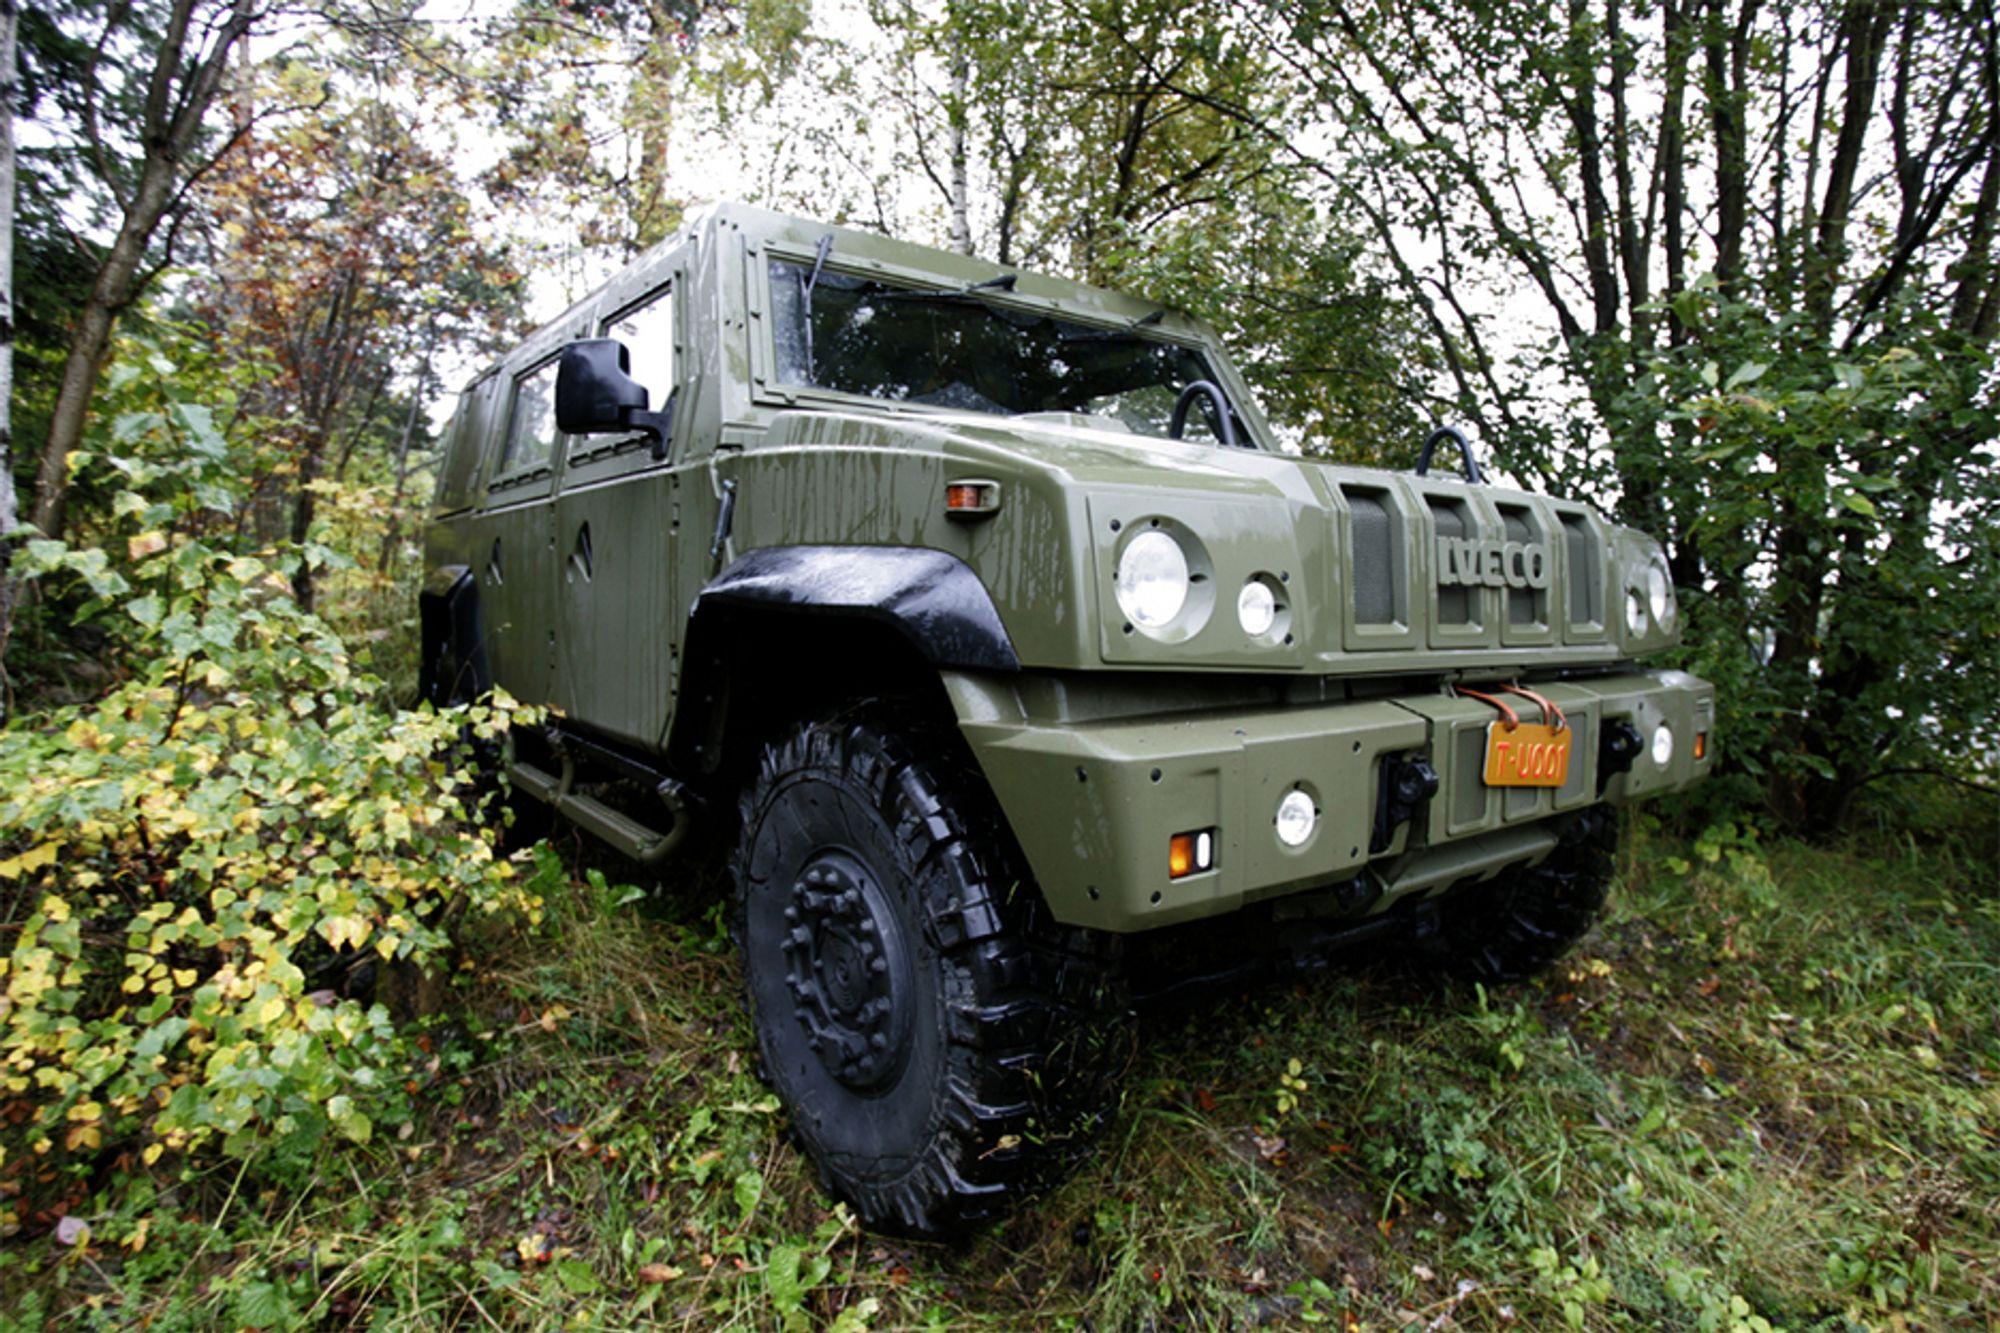 Iveco-kjøretøyene ser bra ut i norske skoger, men er dårligere tilpasset afghanske forhold.